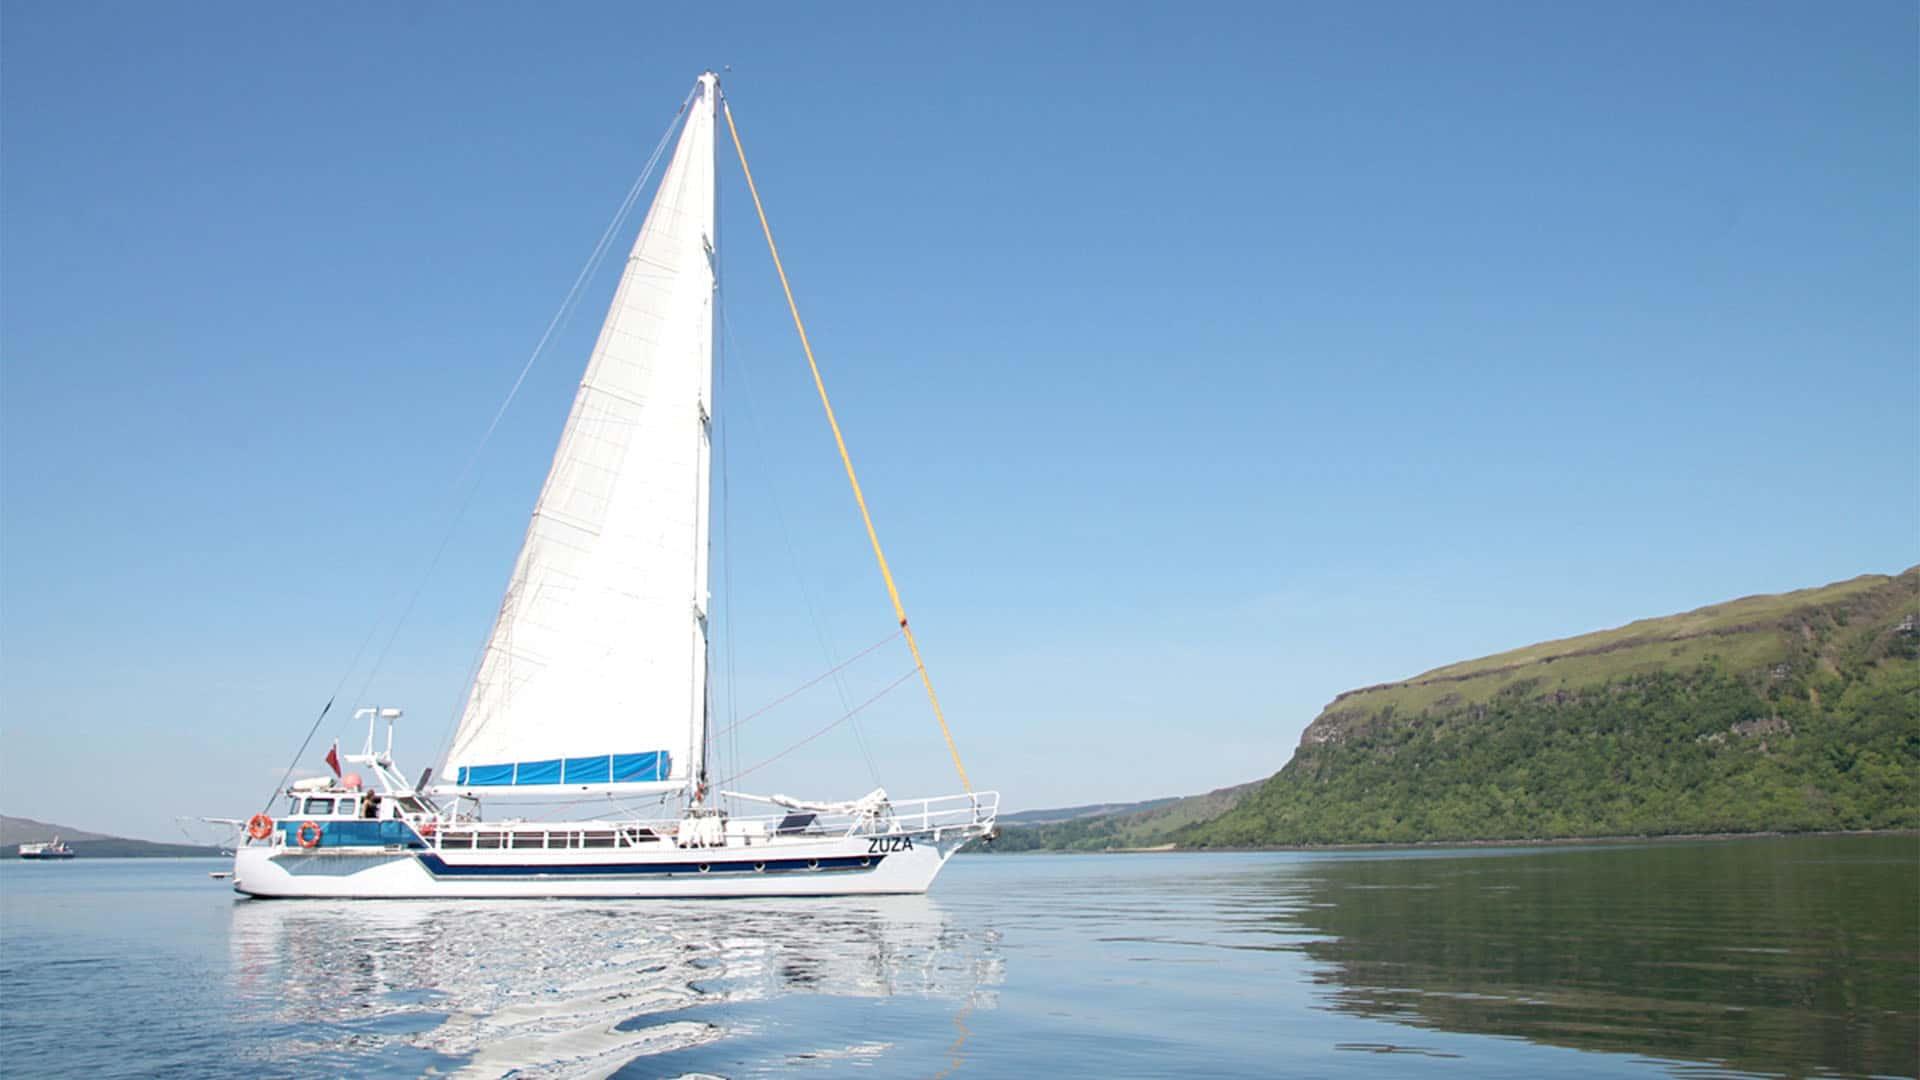 ZUZA full sail